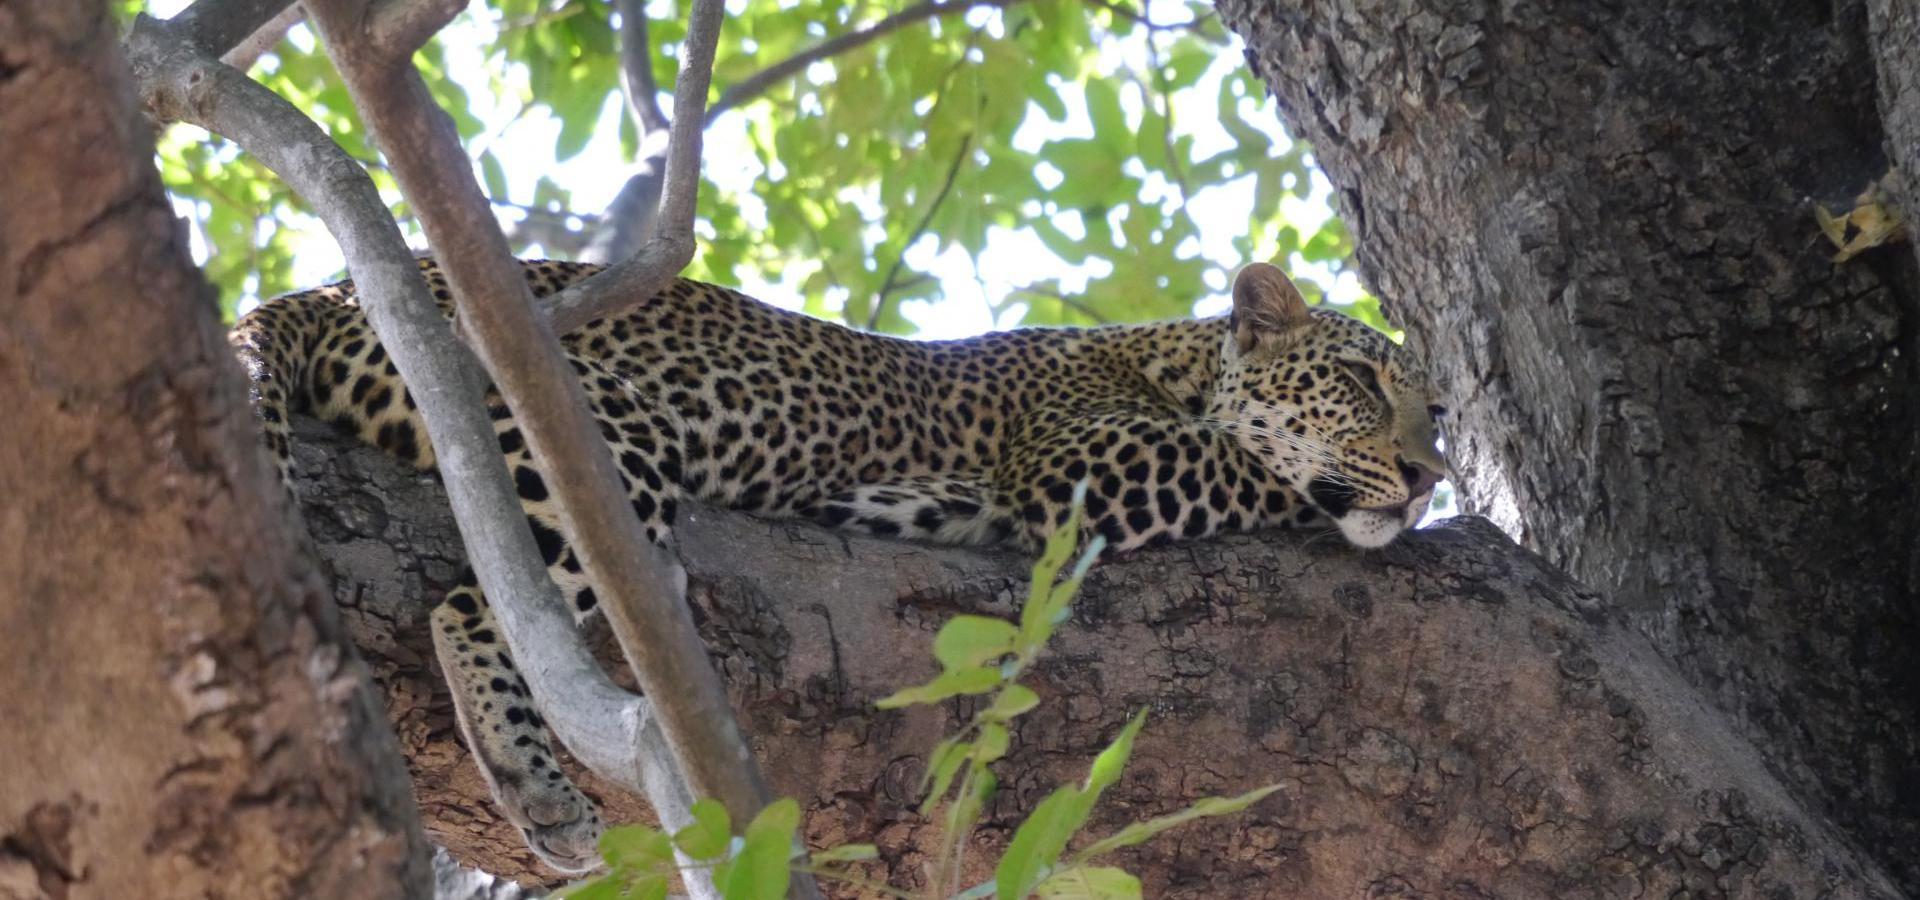 Leopard im Baum - Sambia Reisen & Urlaub